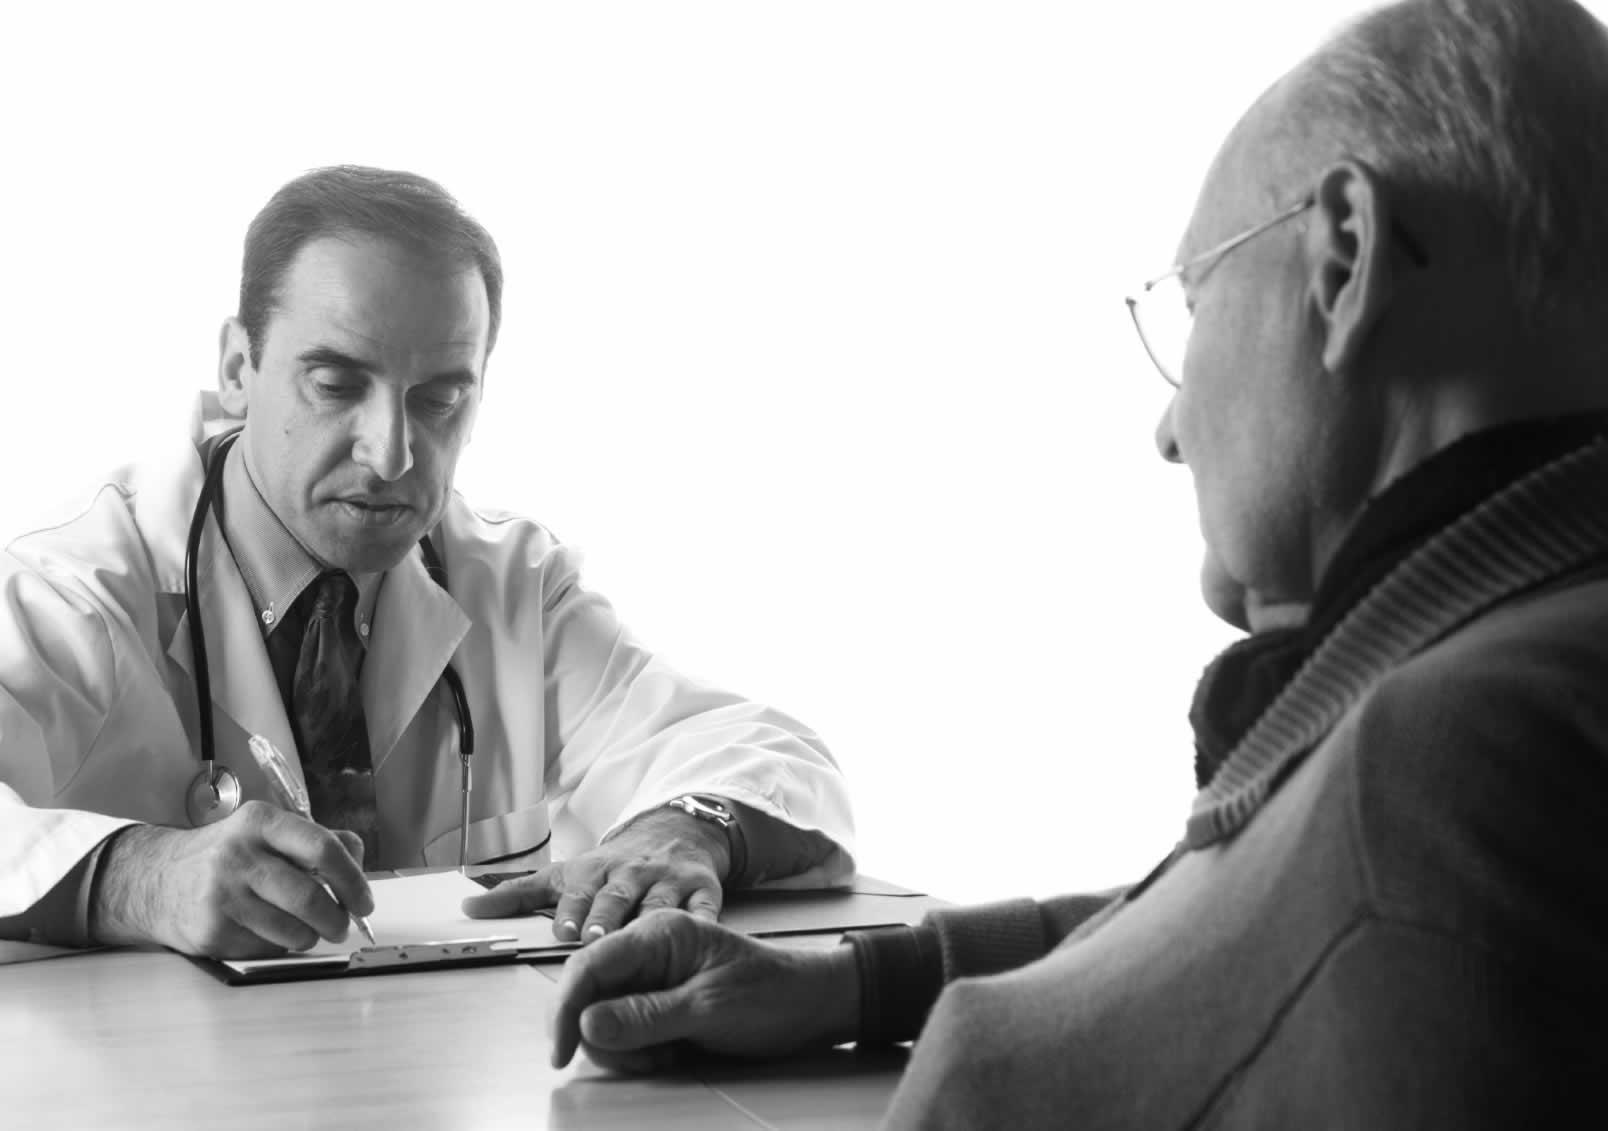 аденома предстательной железы на приеме у врача